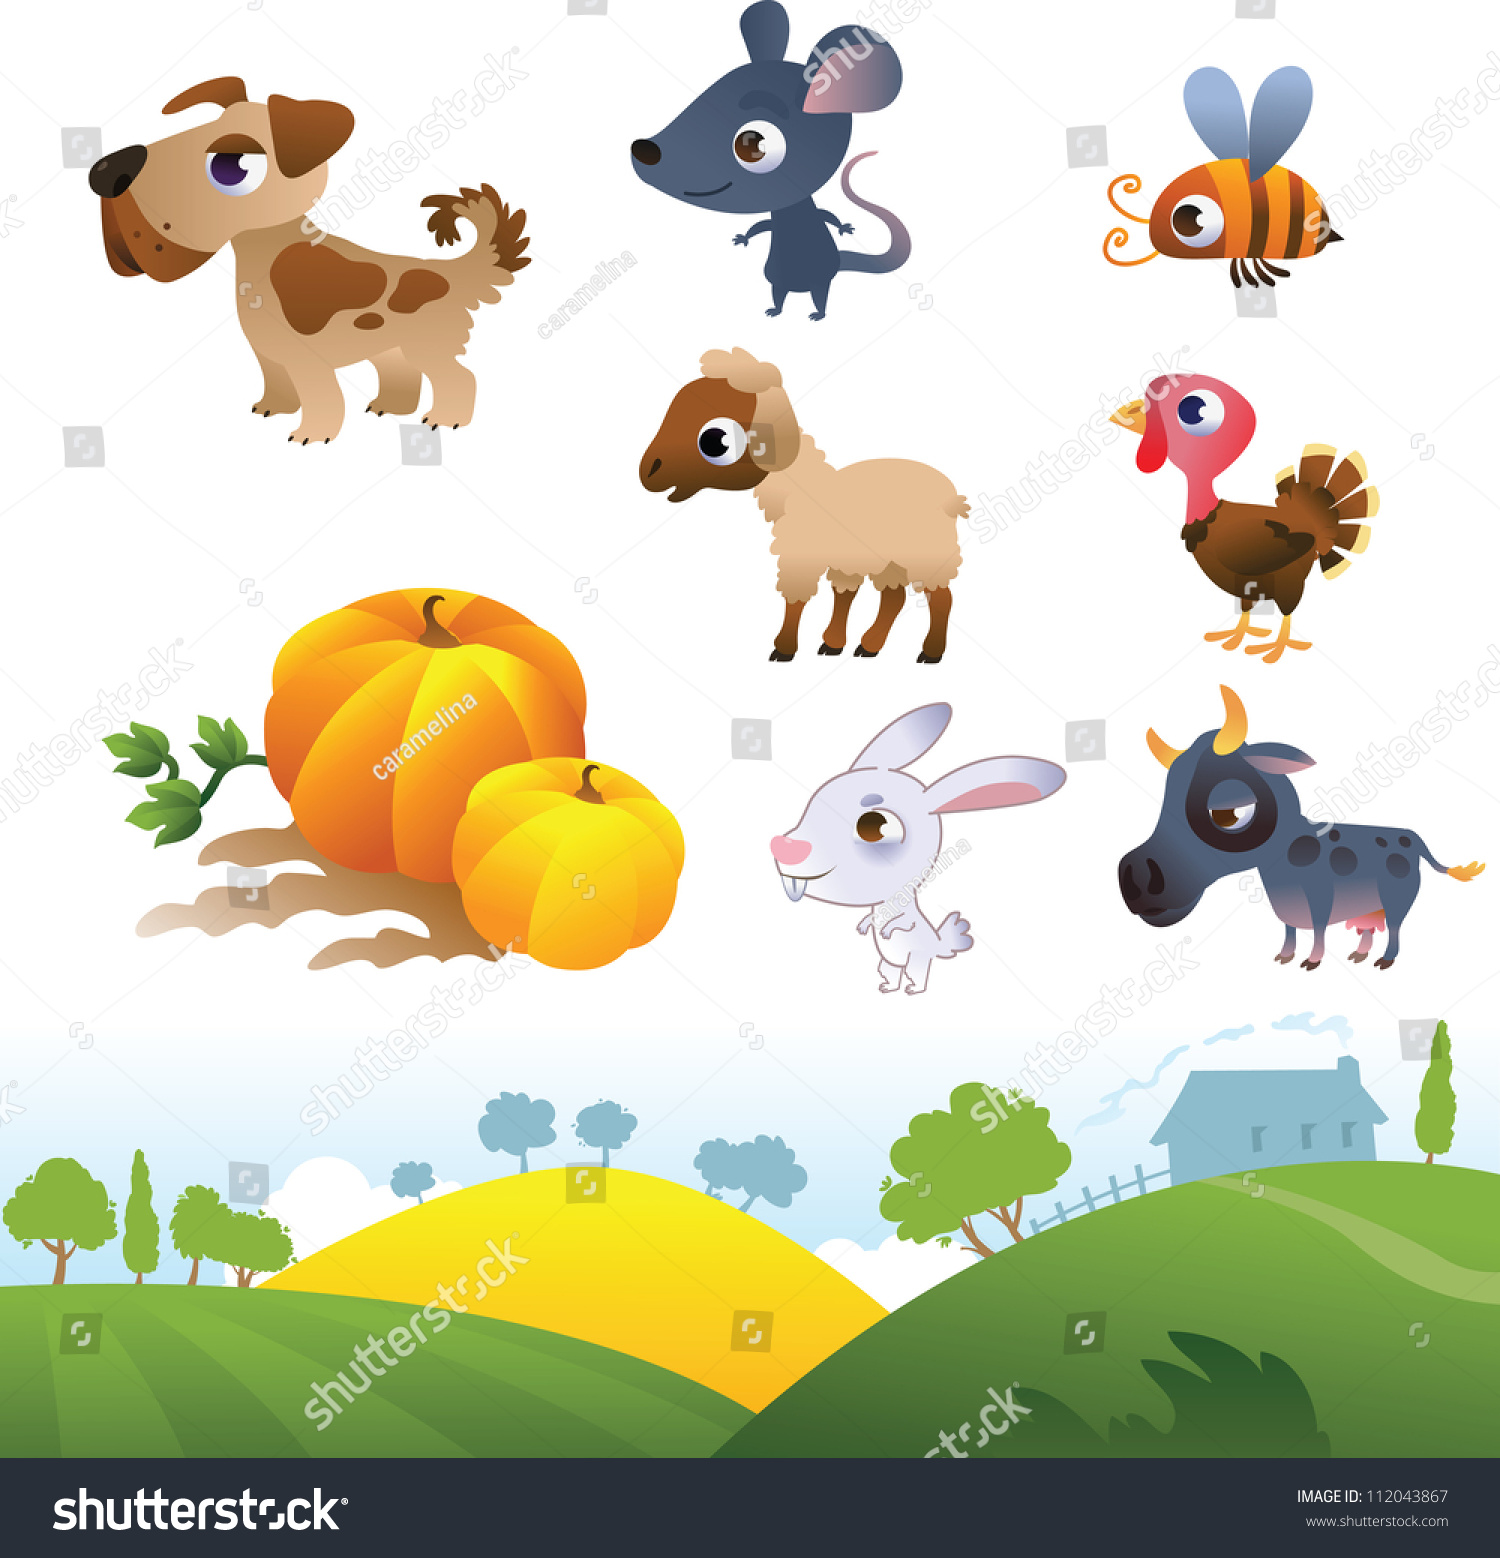 Farm landscape clip art